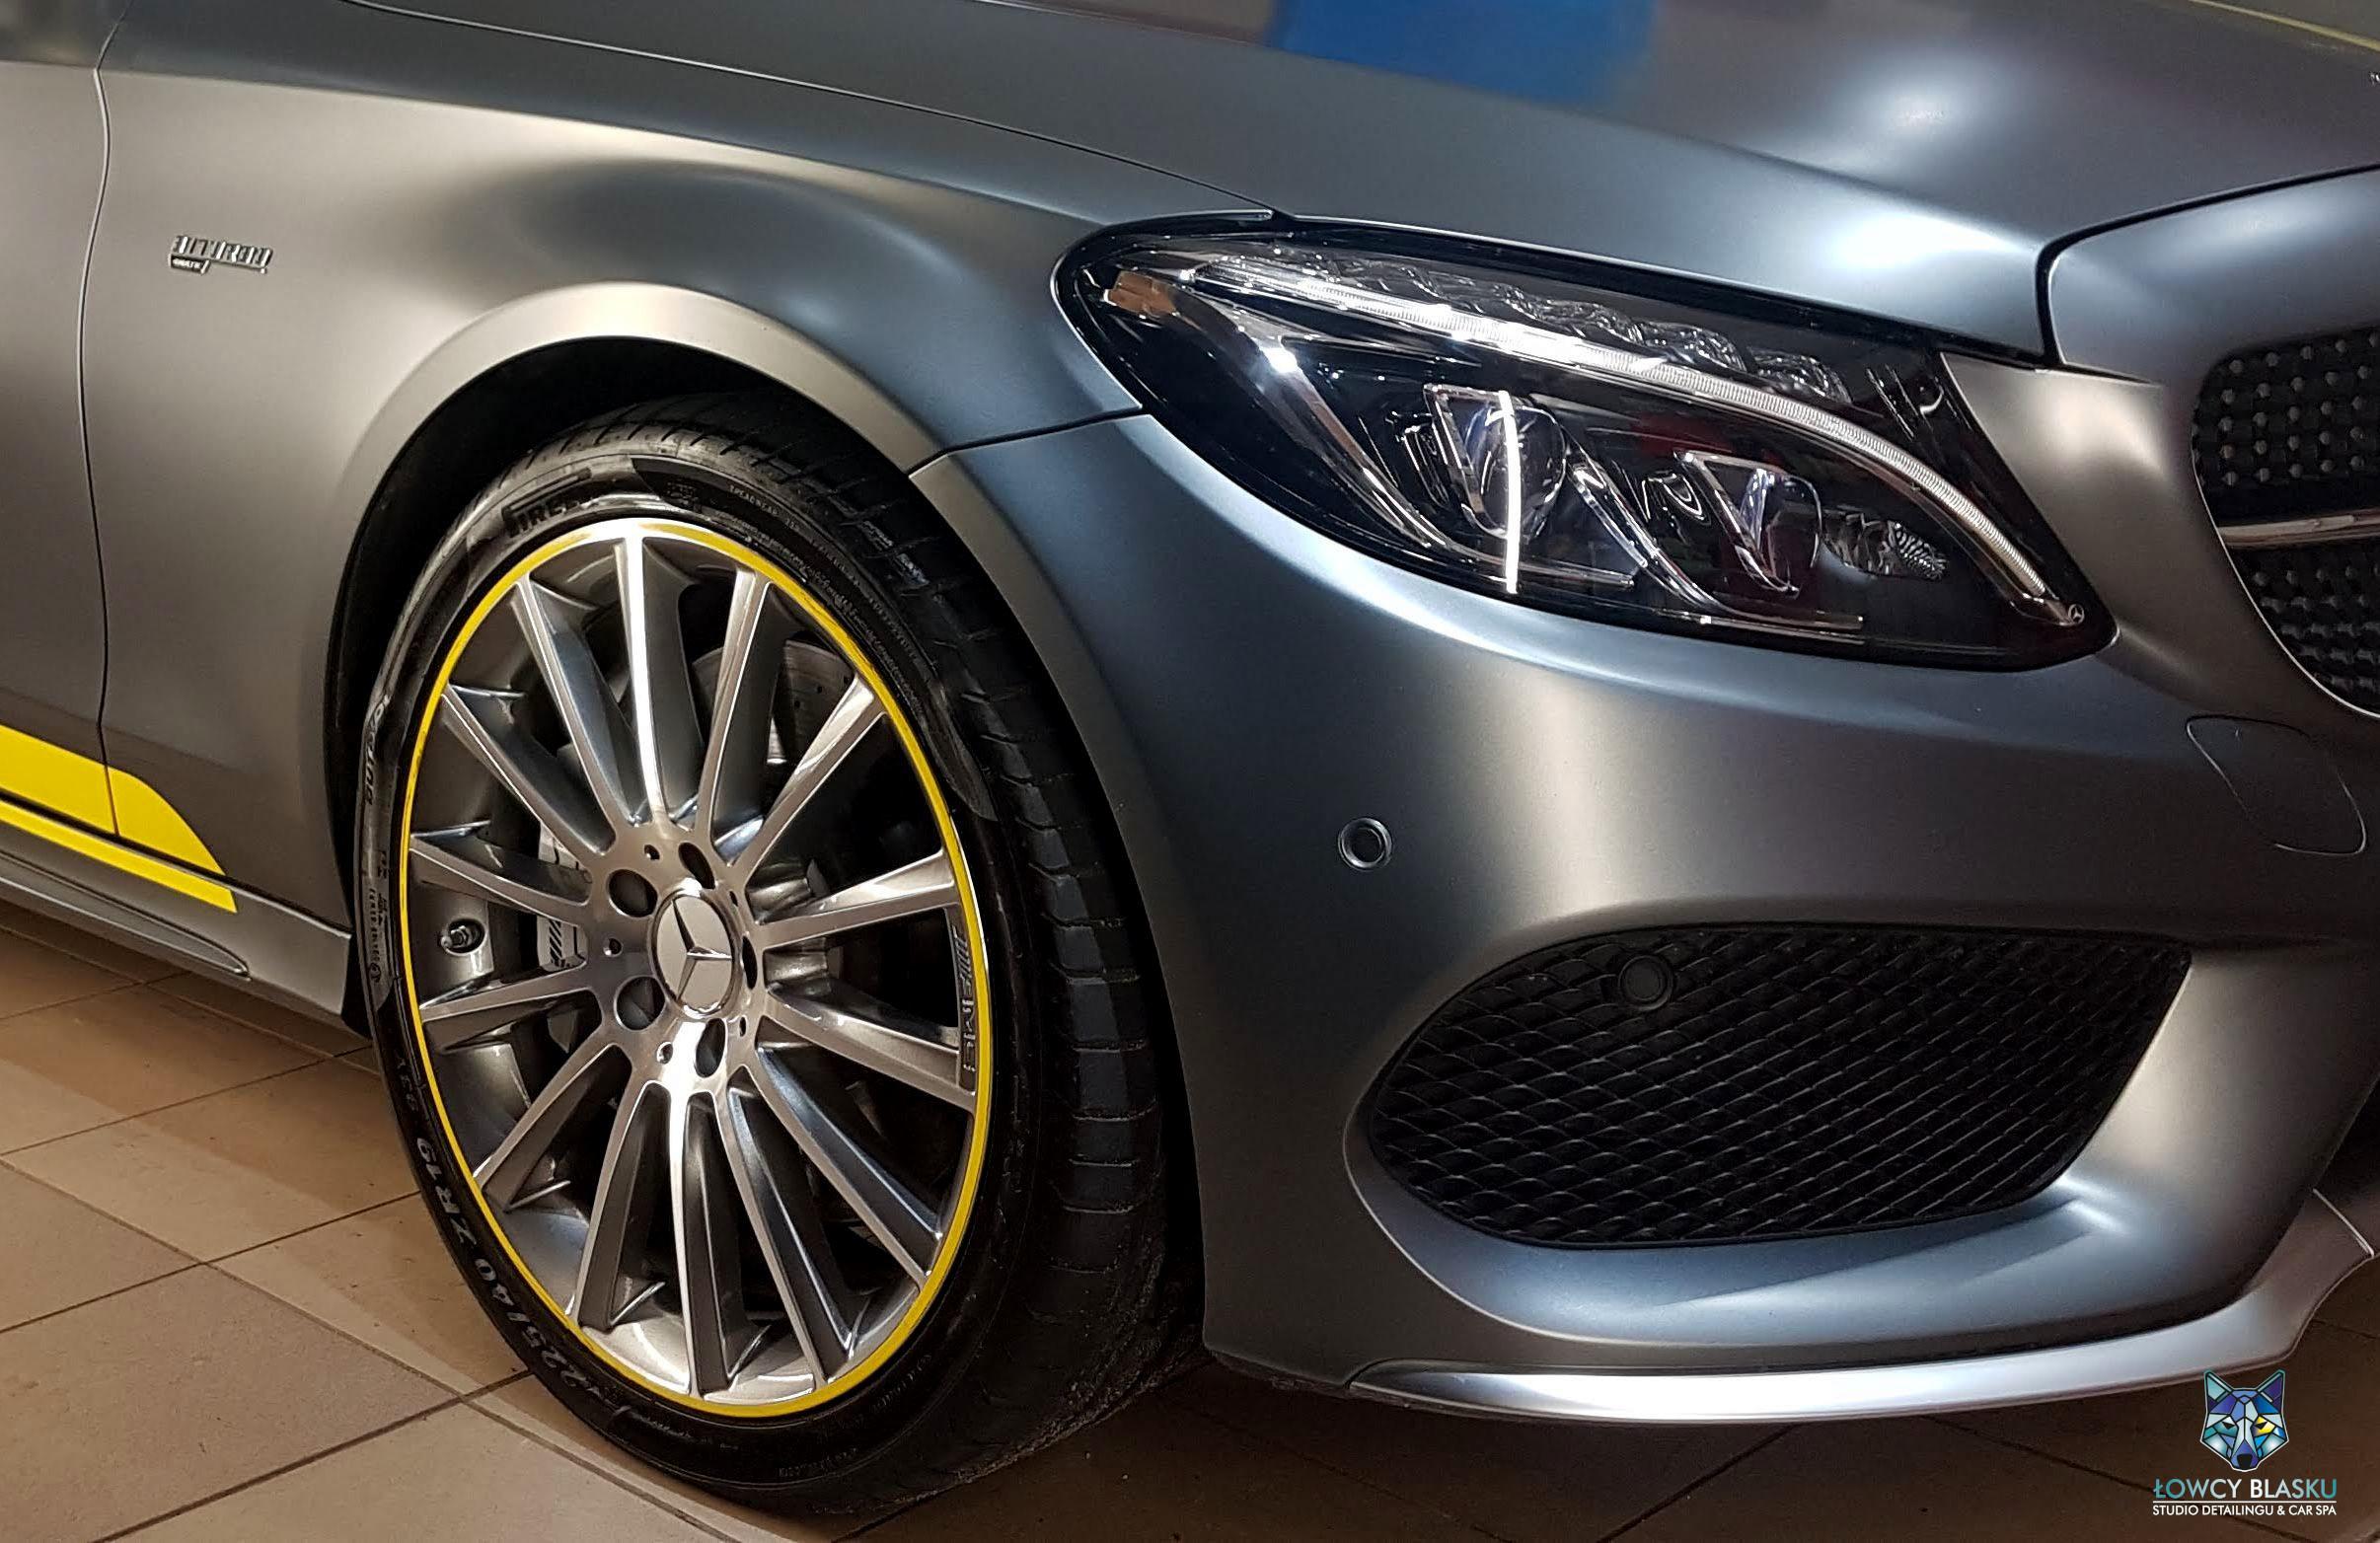 Mercedes C Coupe AMG zabezpieczony powłoką Opti Coat, matowy lakier